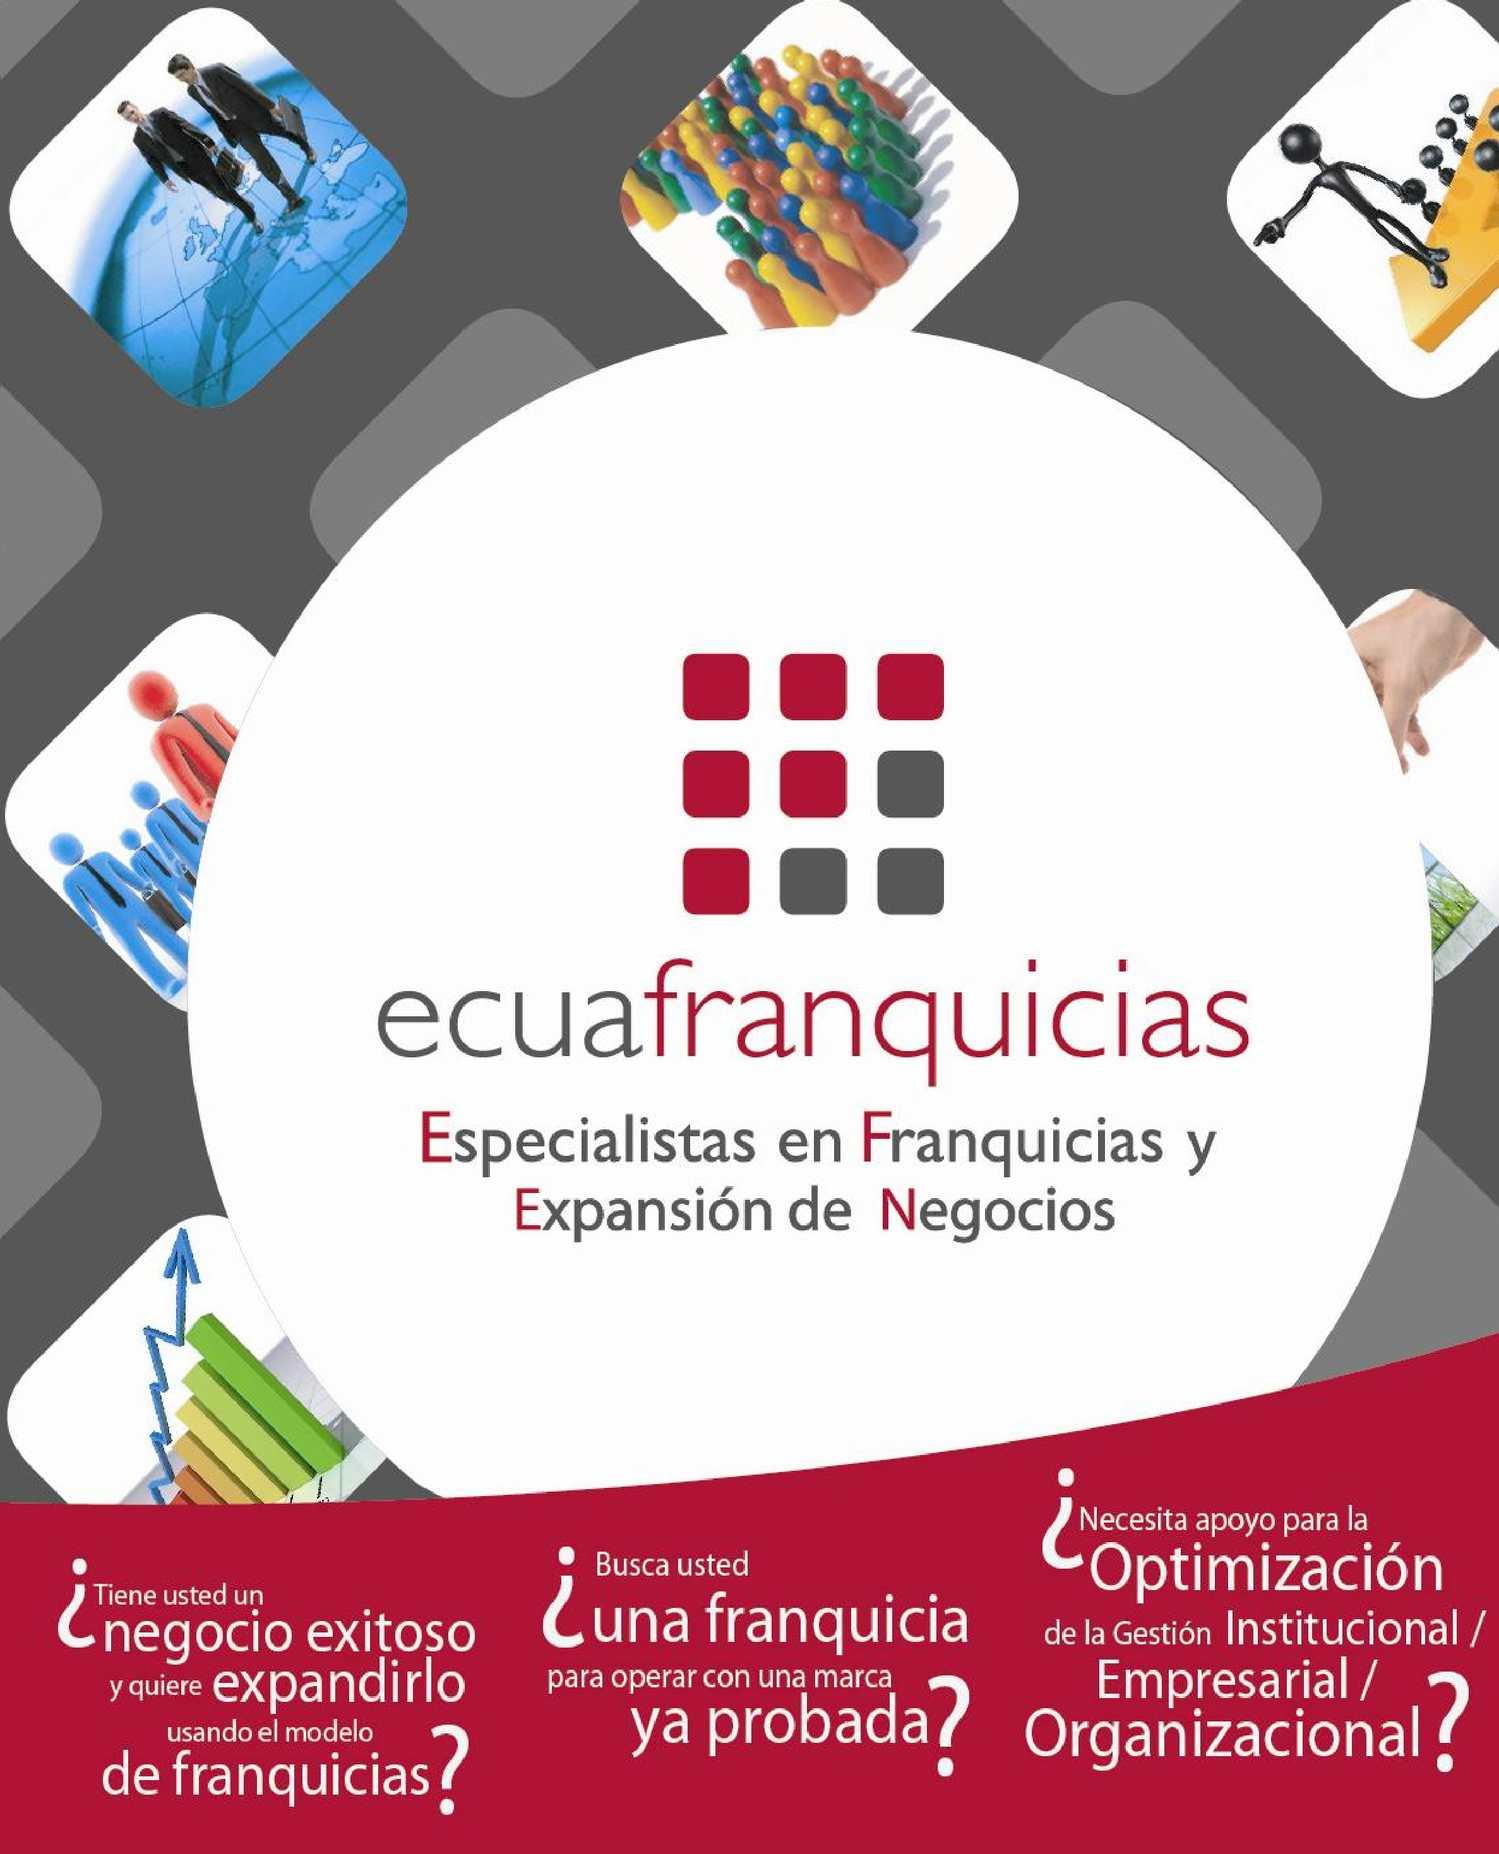 ECUAFRANQUICIAS ESPECIALISTAS EN FRANQUICIAS Y EXPANSIÓN DE NEGOCIOS